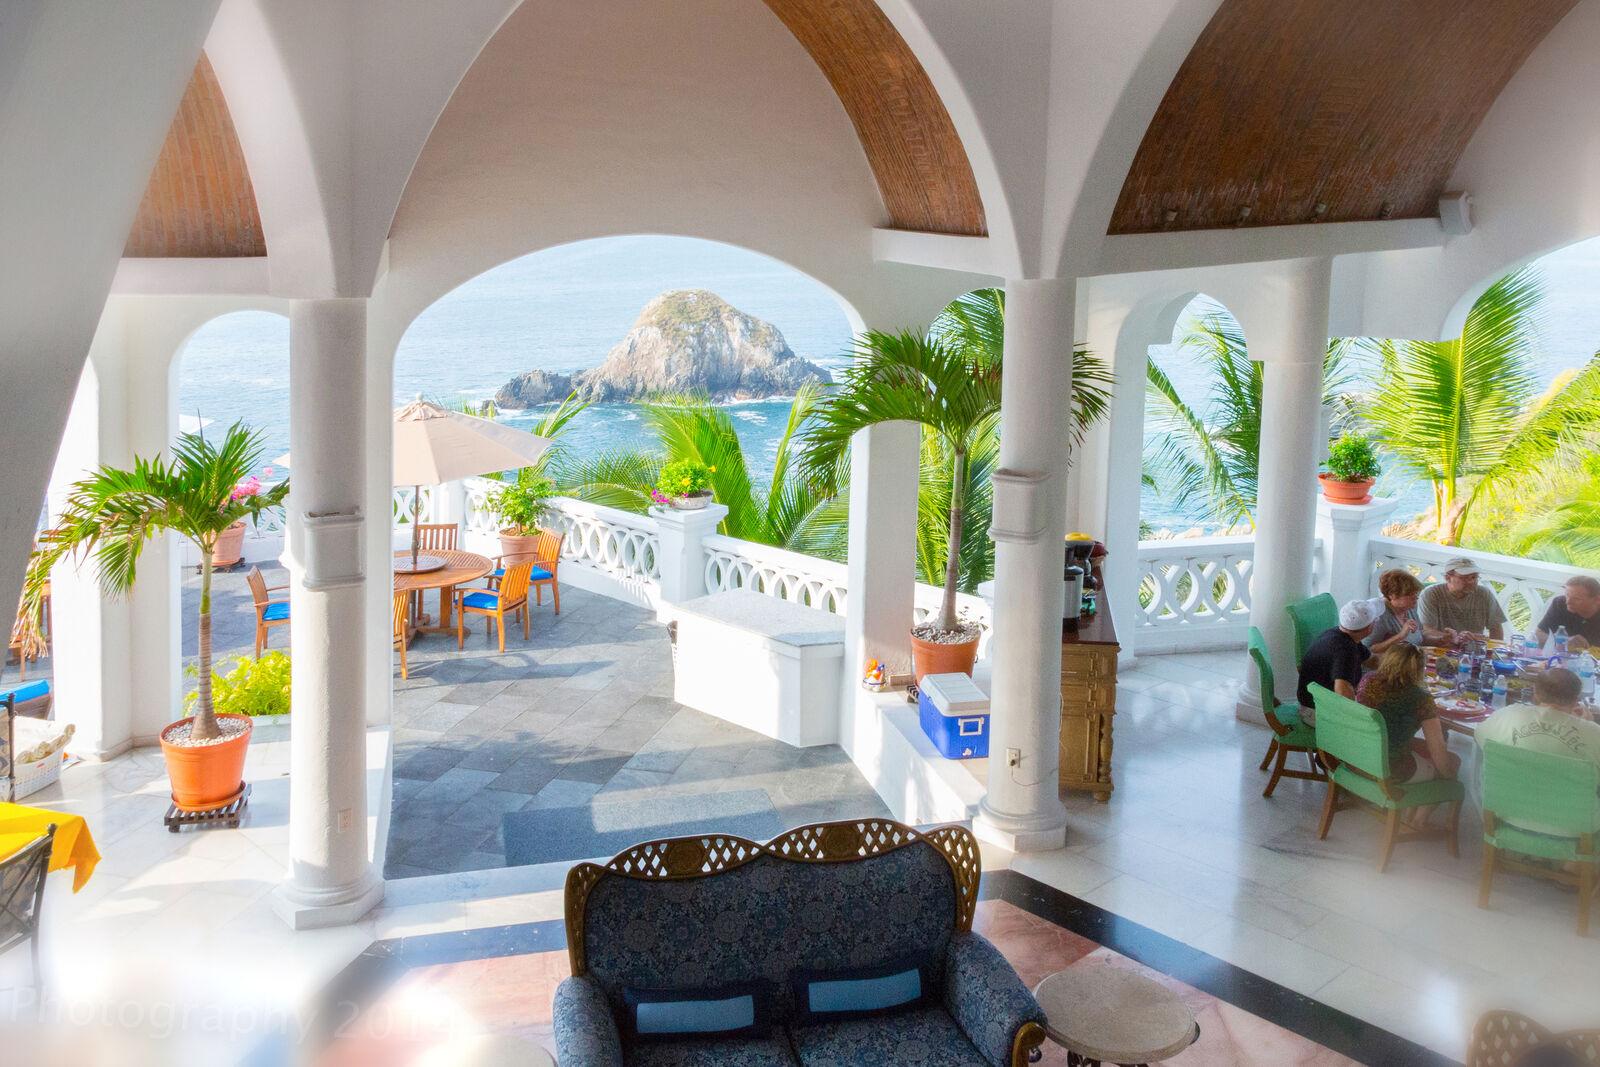 5 Dale Living Room Vignette